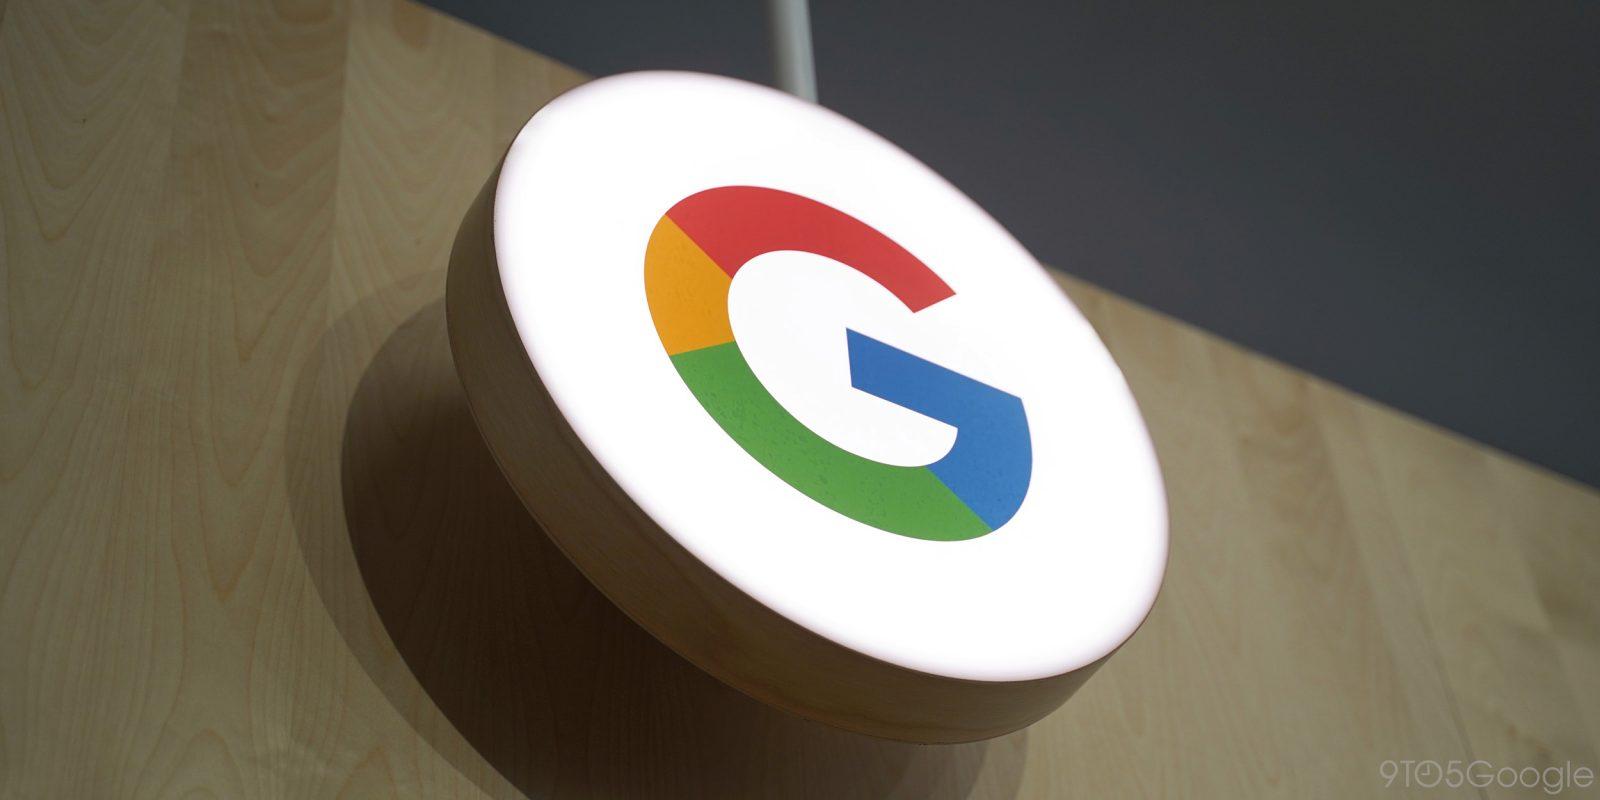 В 3-м квартале 2019 года госхакеры атаковали пользователей Google 12 тыс. раз